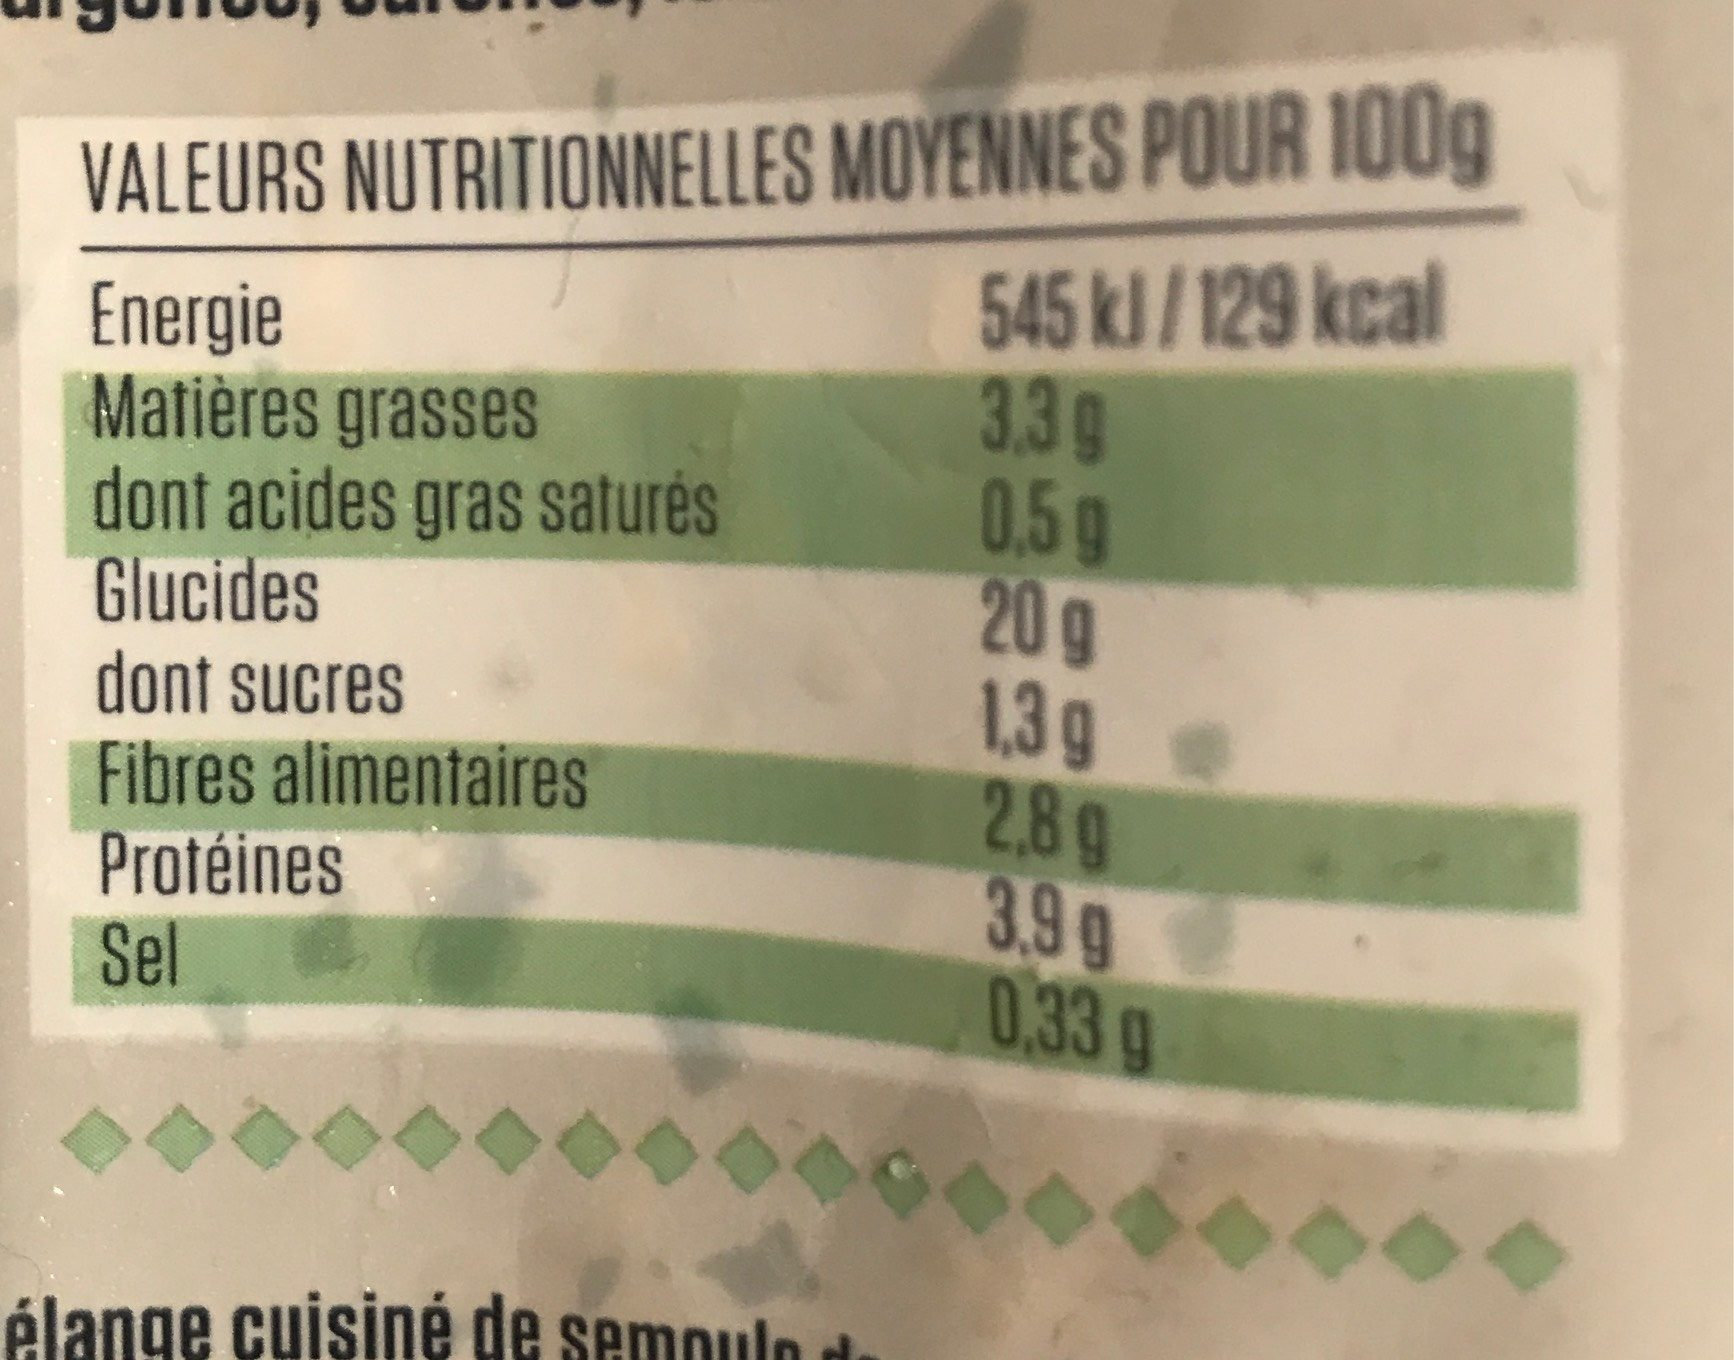 Poêlée céréales & quinoa cuisinés aux petits légumes - Informations nutritionnelles - fr